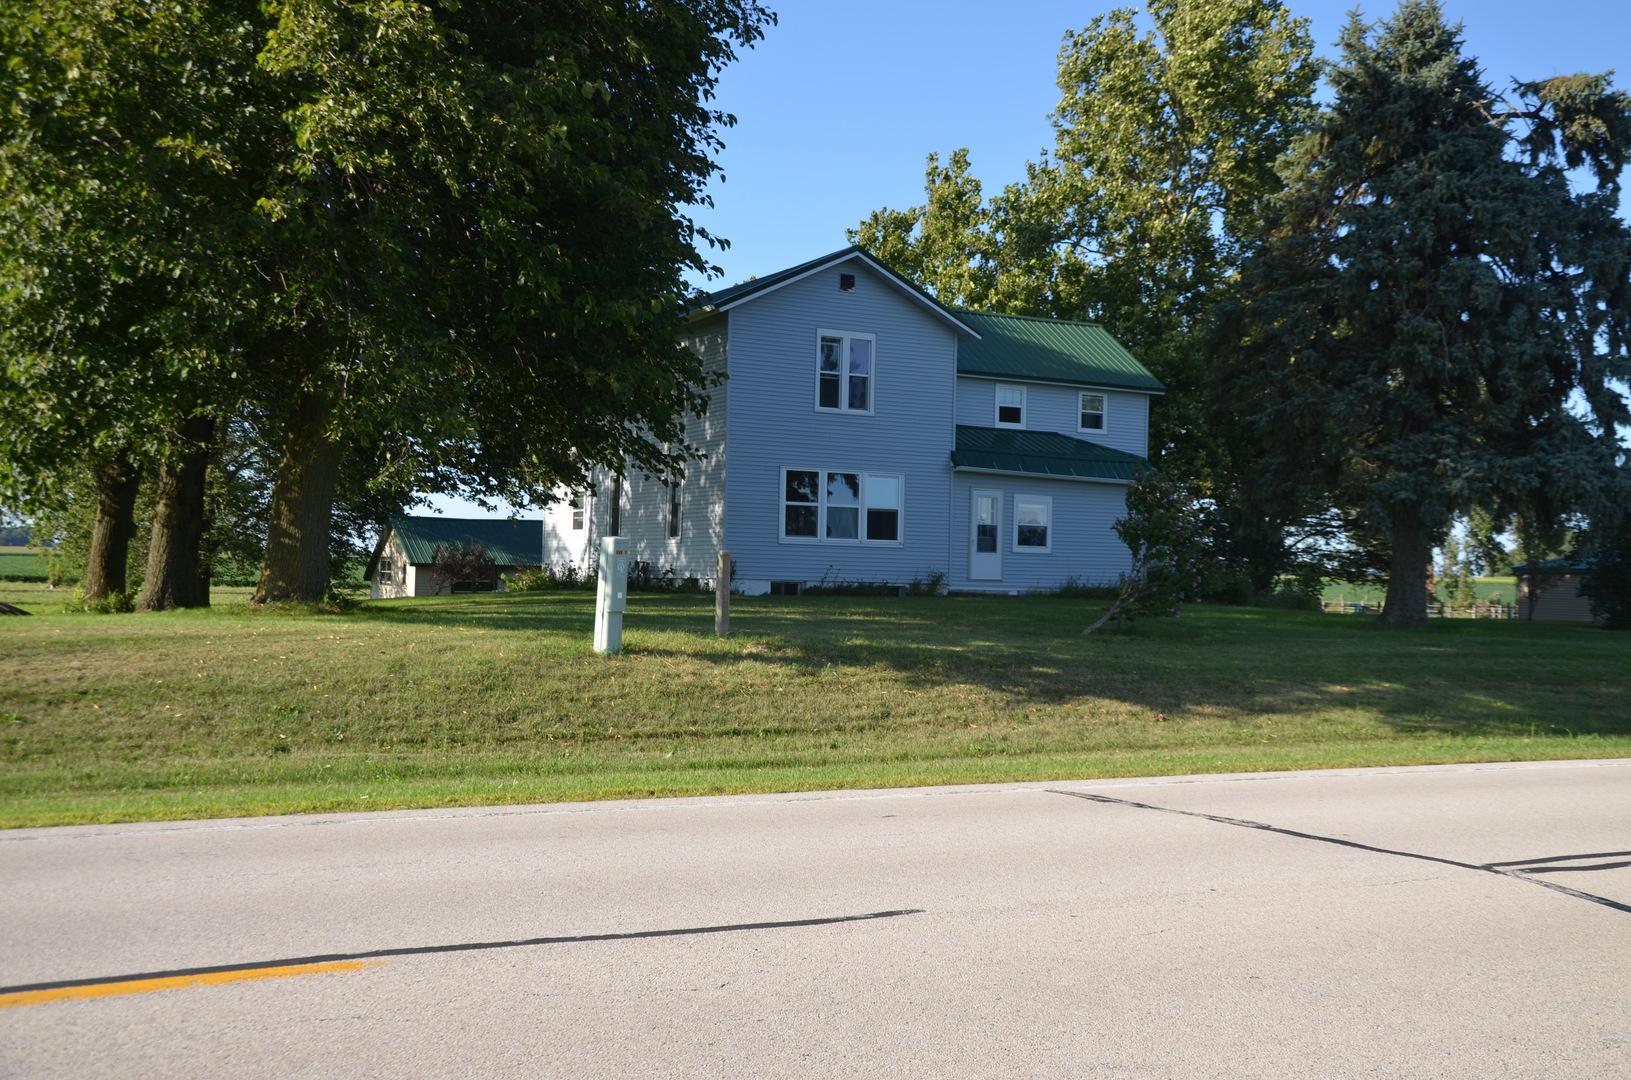 47W836 Main Street, ELBURN, Illinois, 60119